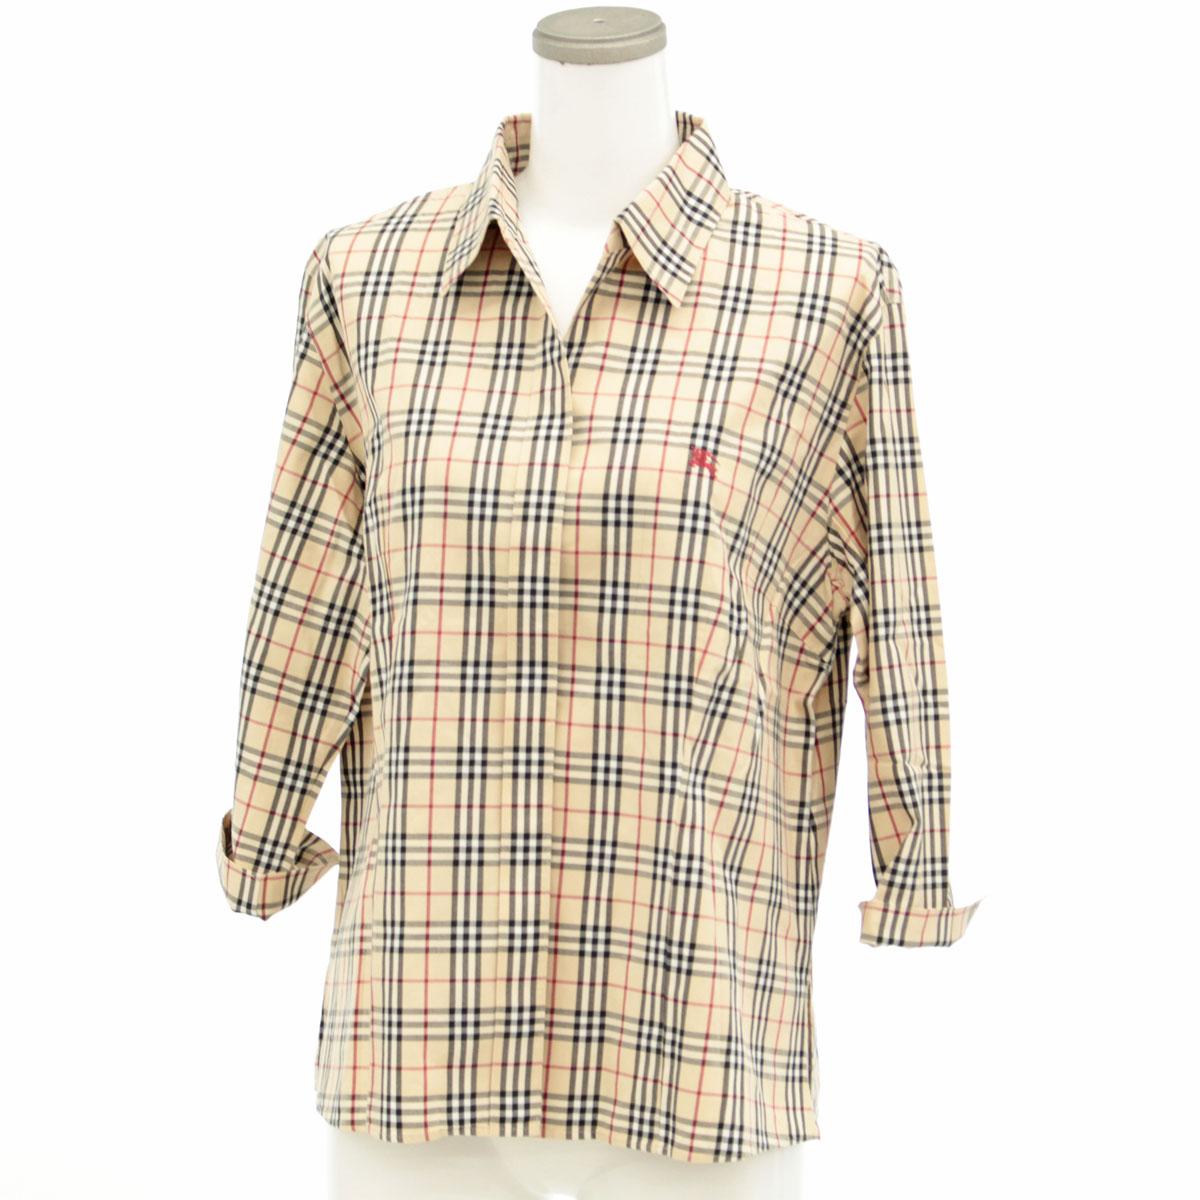 BURBERRY バーバリー チェック柄 七分袖 シャツ ブラウス サイズ13beigeベージュ レディース トップス ホース刺繍 コットン80PwknO